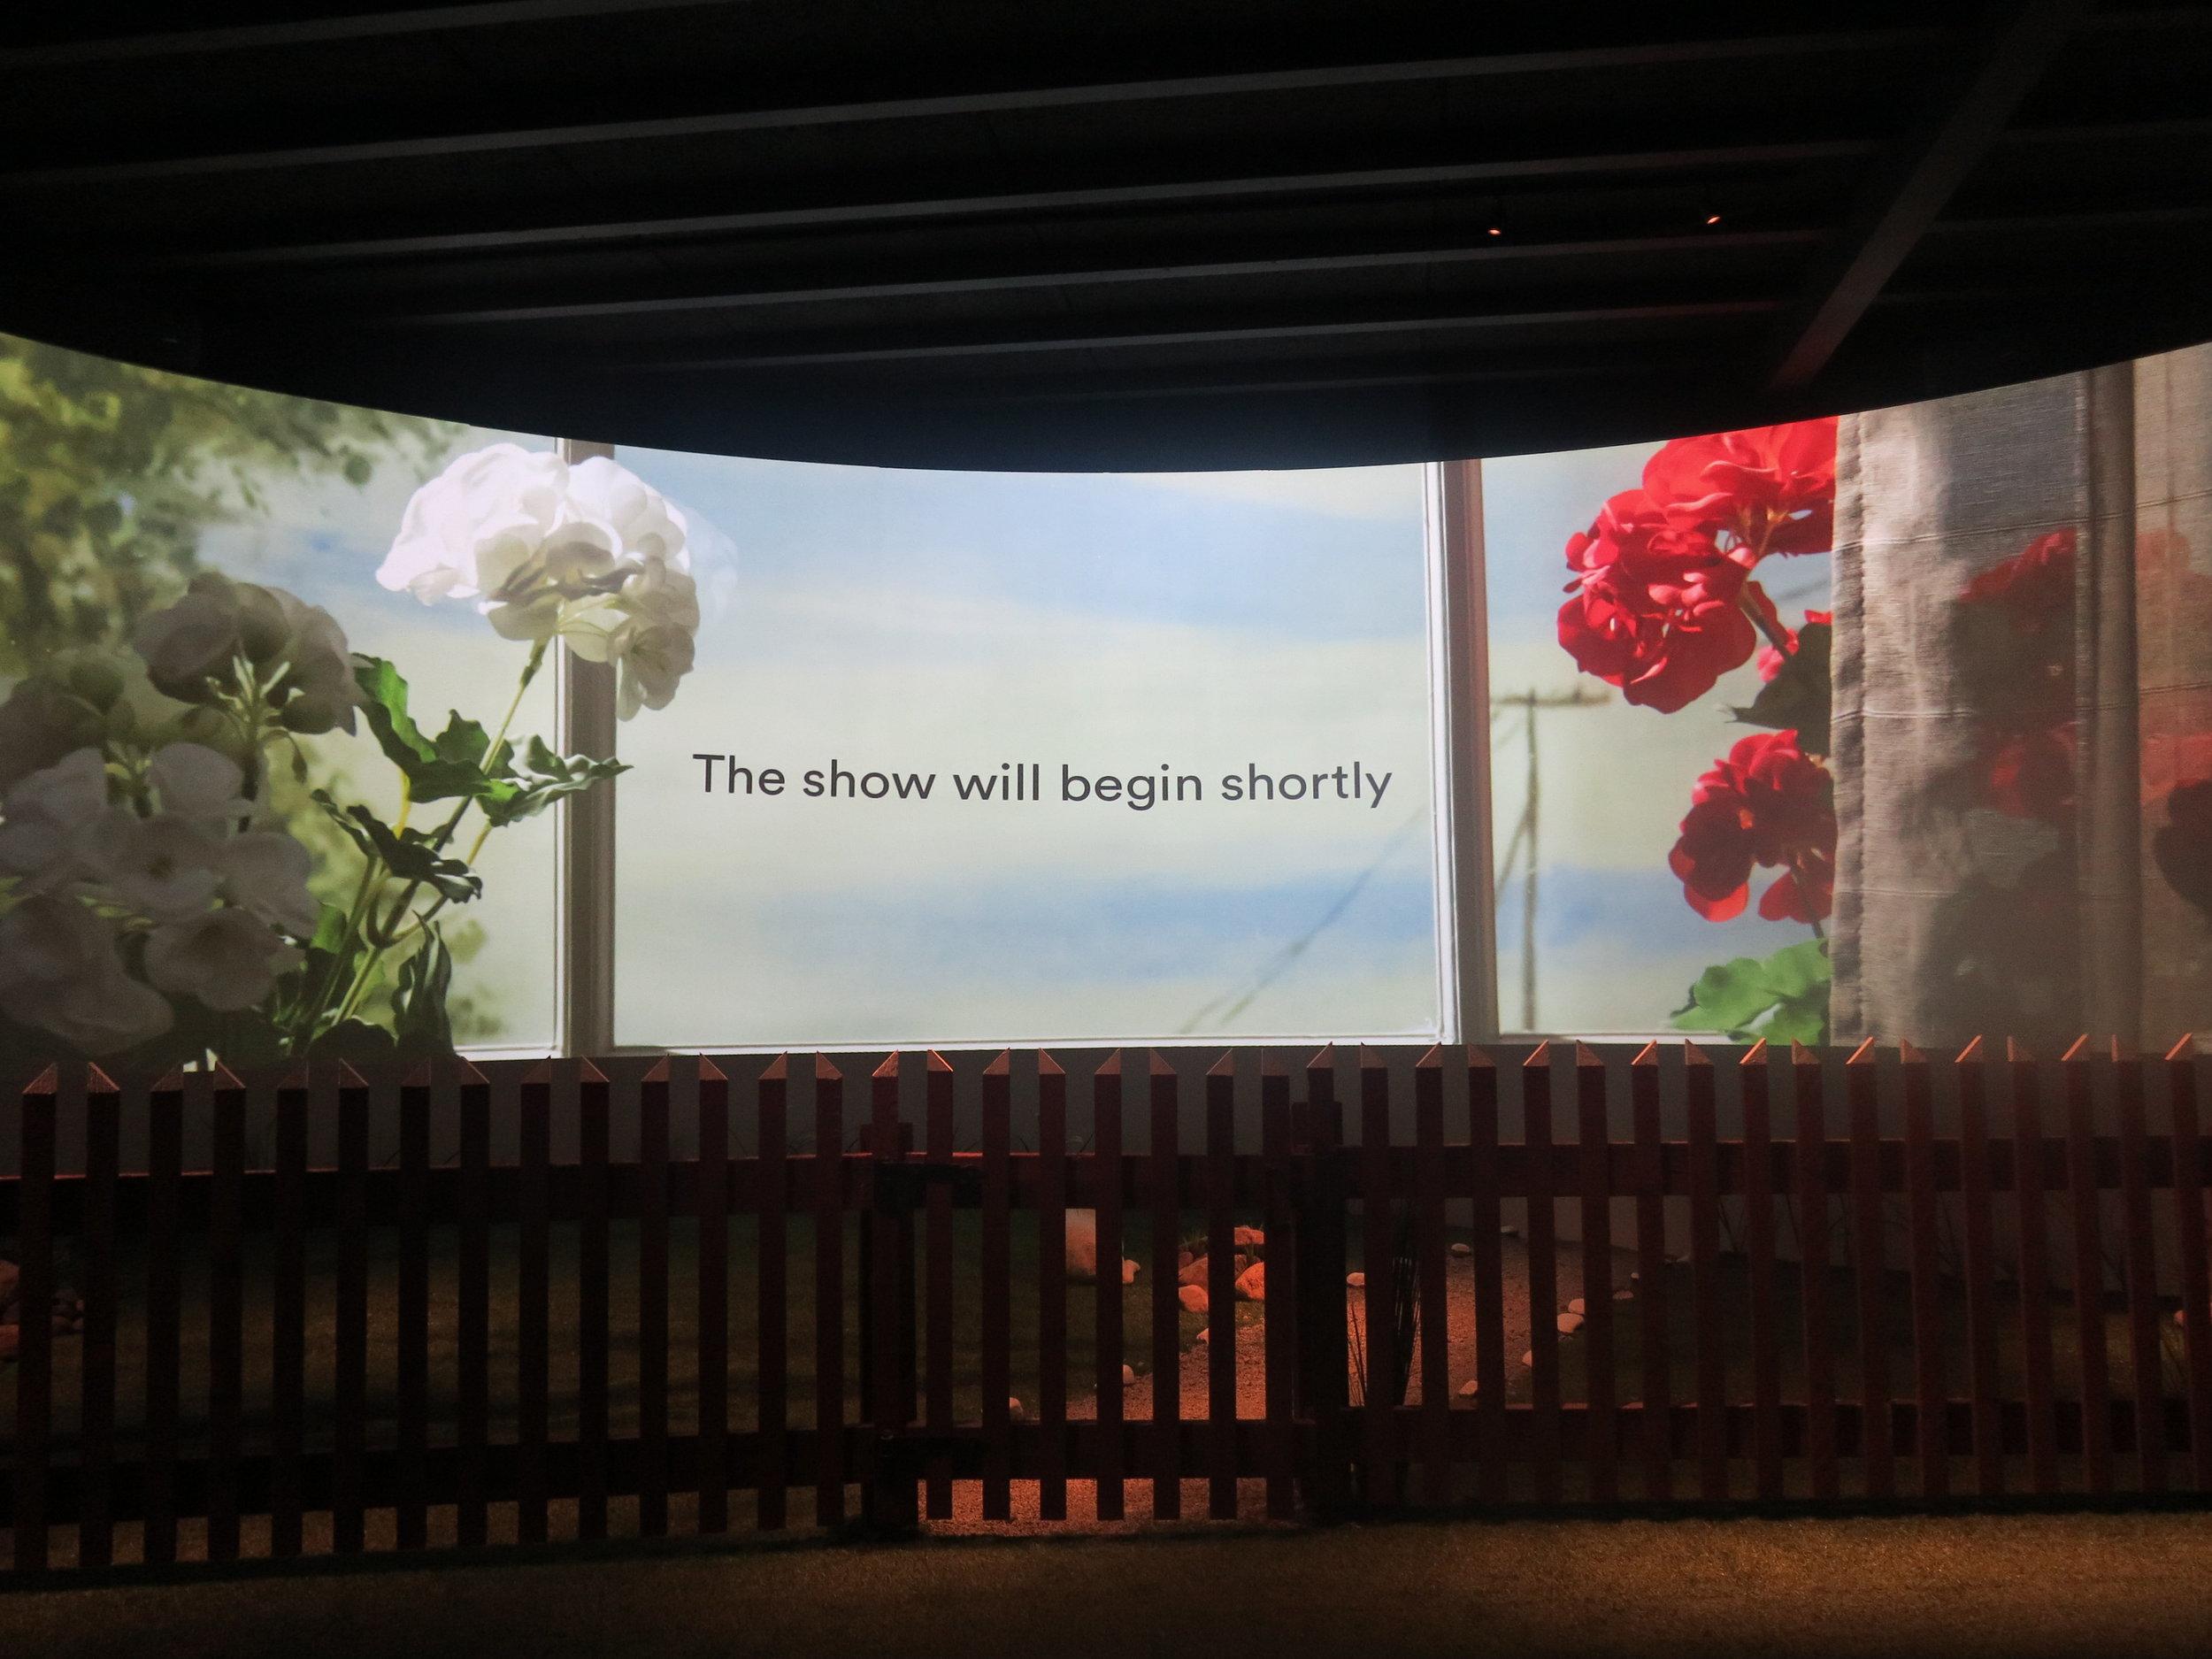 Filme, Stars, Requisiten … Im Filmmuseum Filmbyn dreht sich alles darum